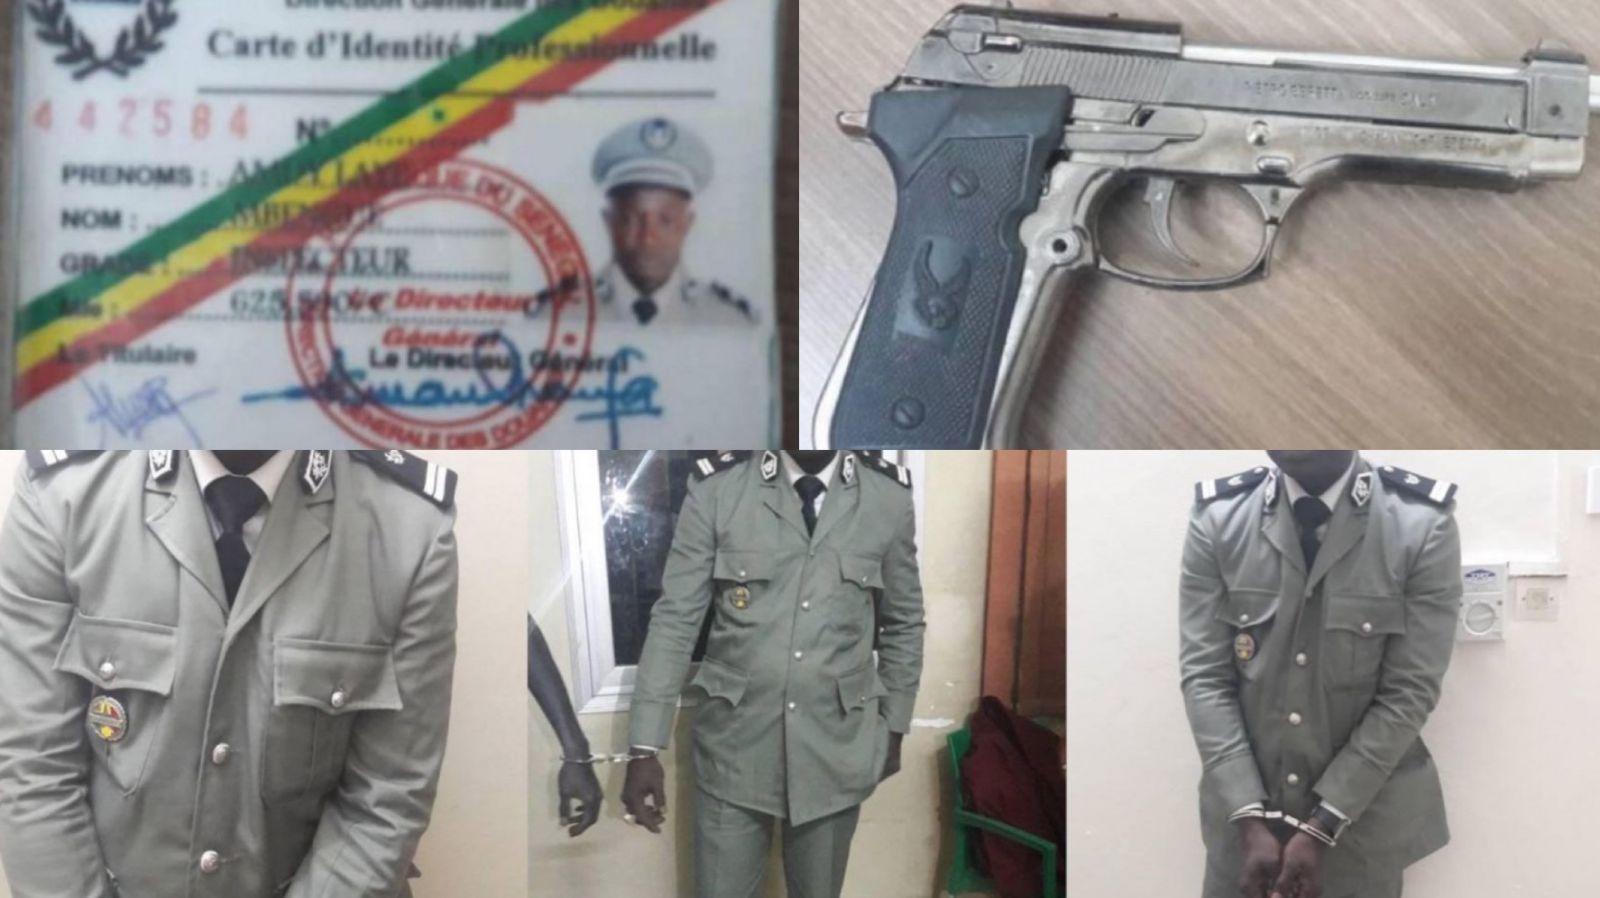 L'incroyable histoire d'Amdy Mbengue, le faux douanier